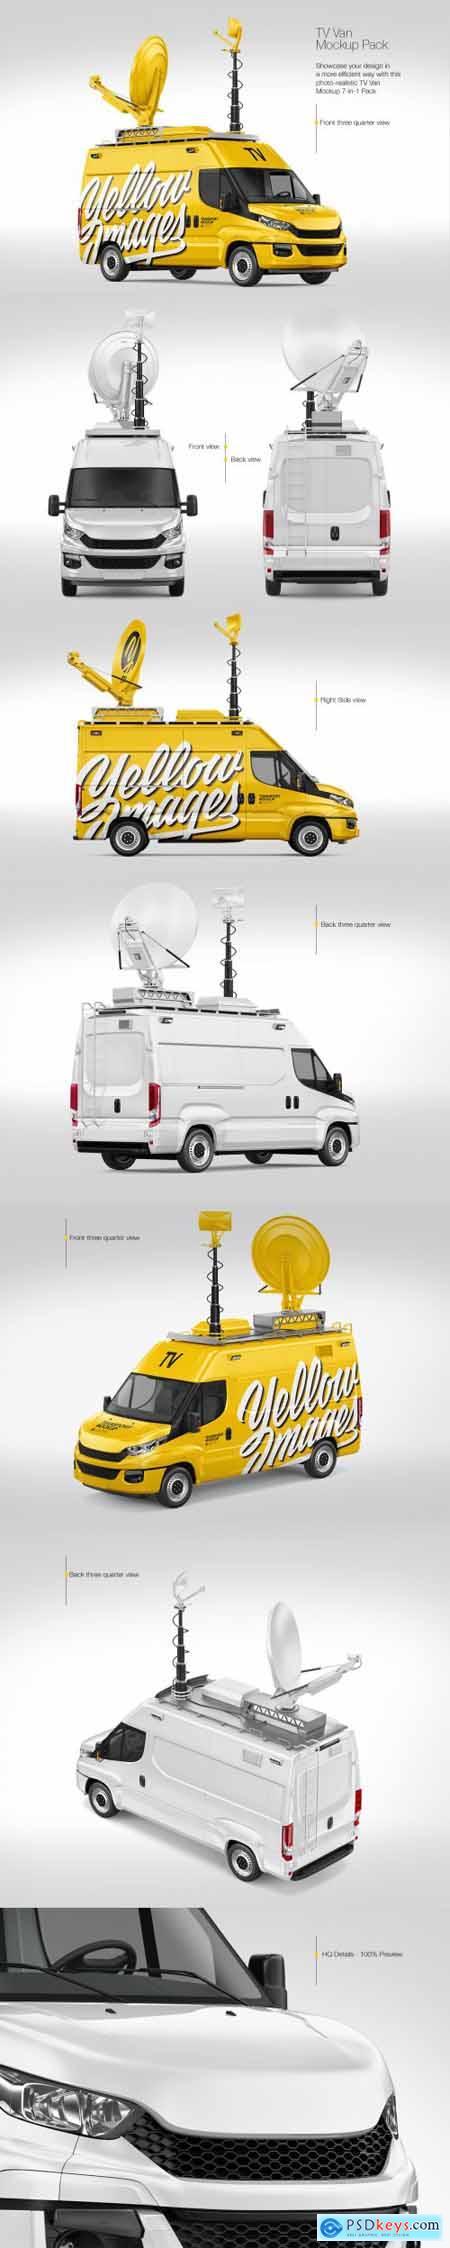 TV Van Mockup - Pack